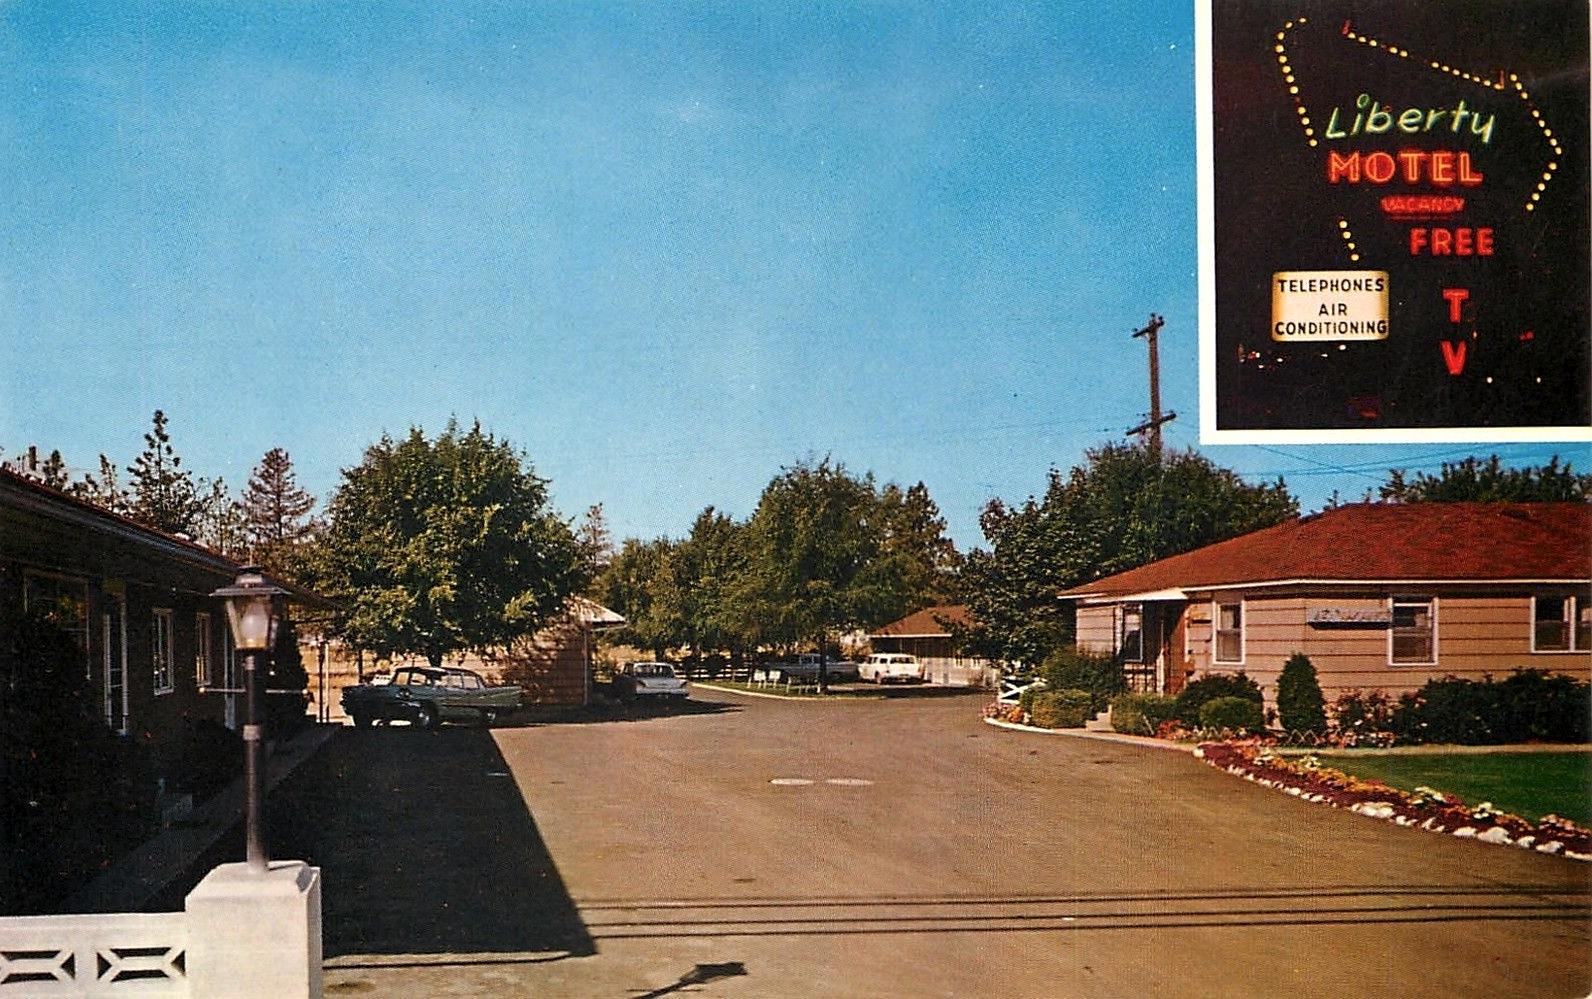 Vintage Spokane: Liberty Motel